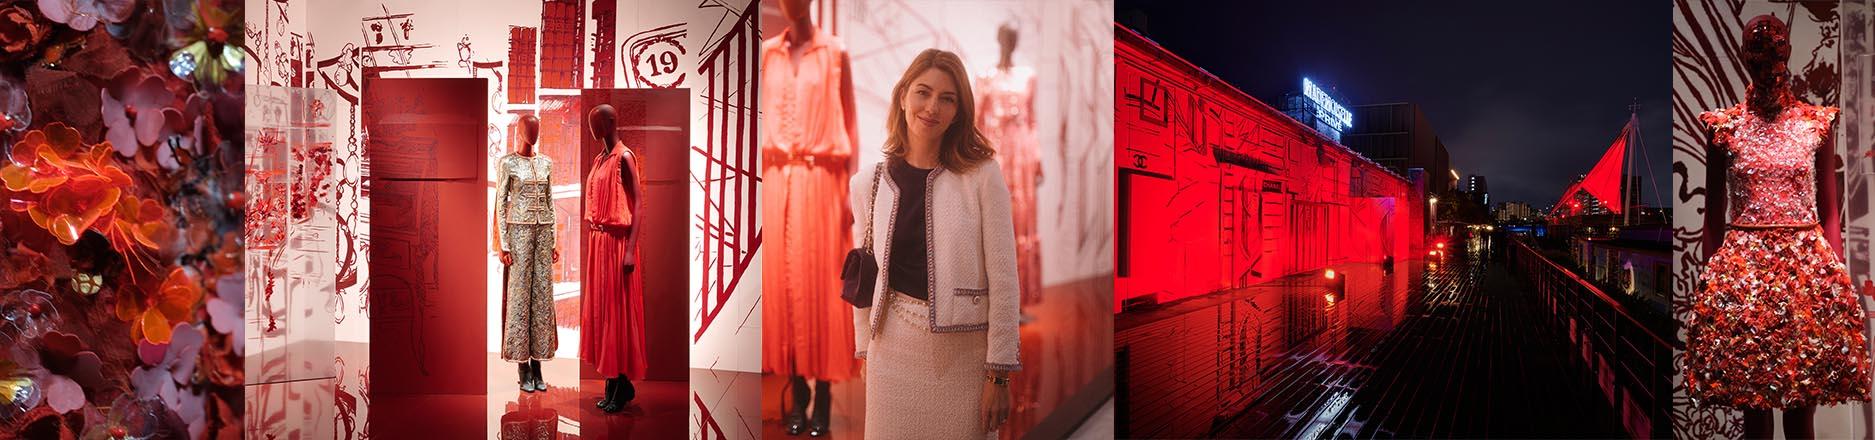 La muestra de Coco Chanel conquista Tokio (y Sofia Coppola cuenta la gran novela de la moda)